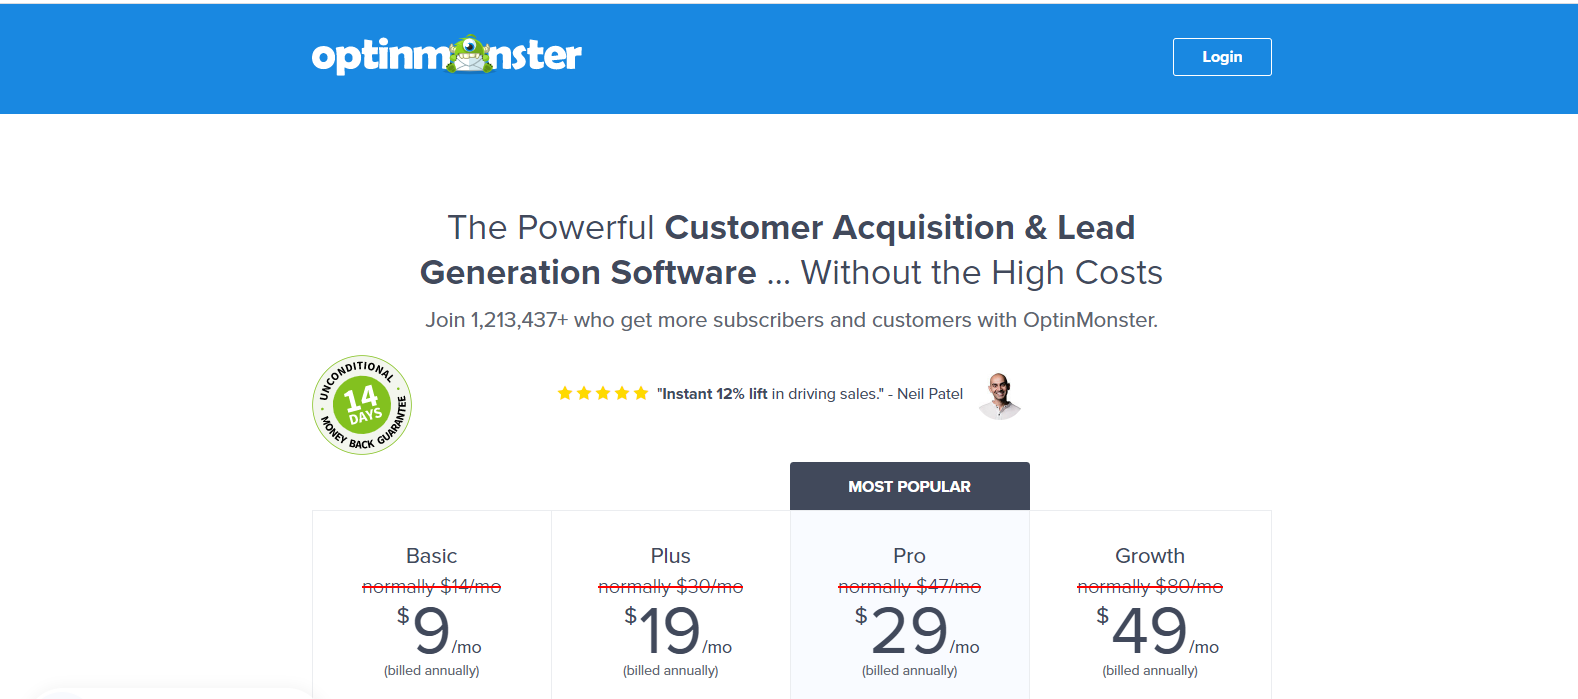 كل ما تريد معرفته عن التسويق عبر البريد الاليكتروني - Email Marketing